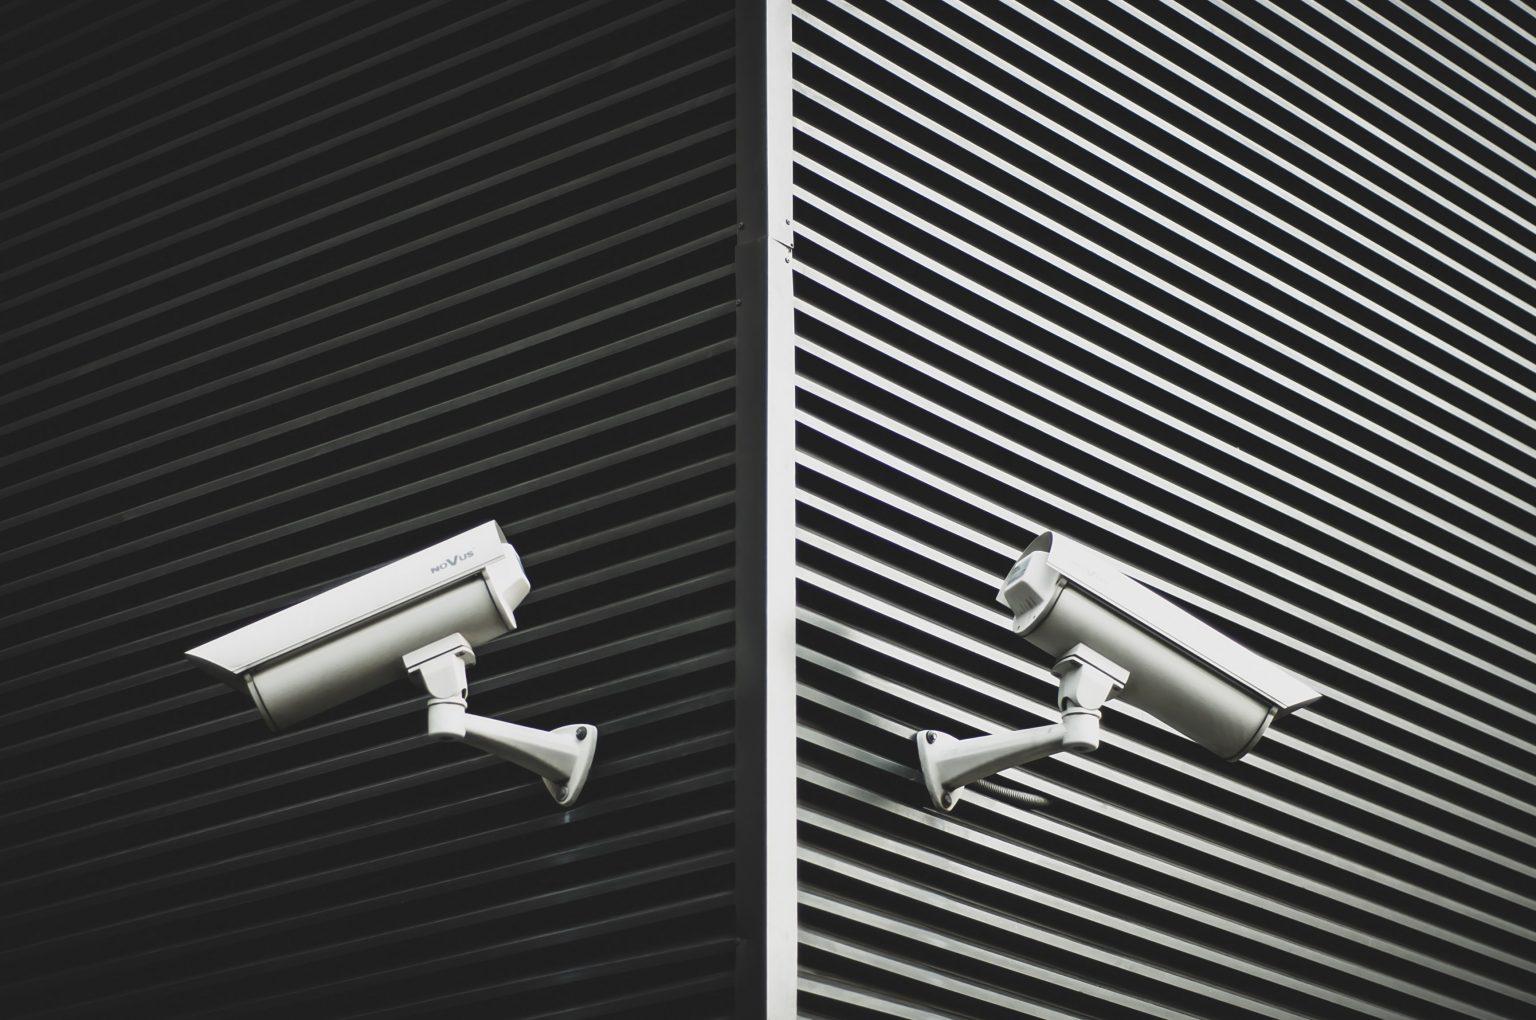 Annonce du Centre de documentation sur la contre-surveillance